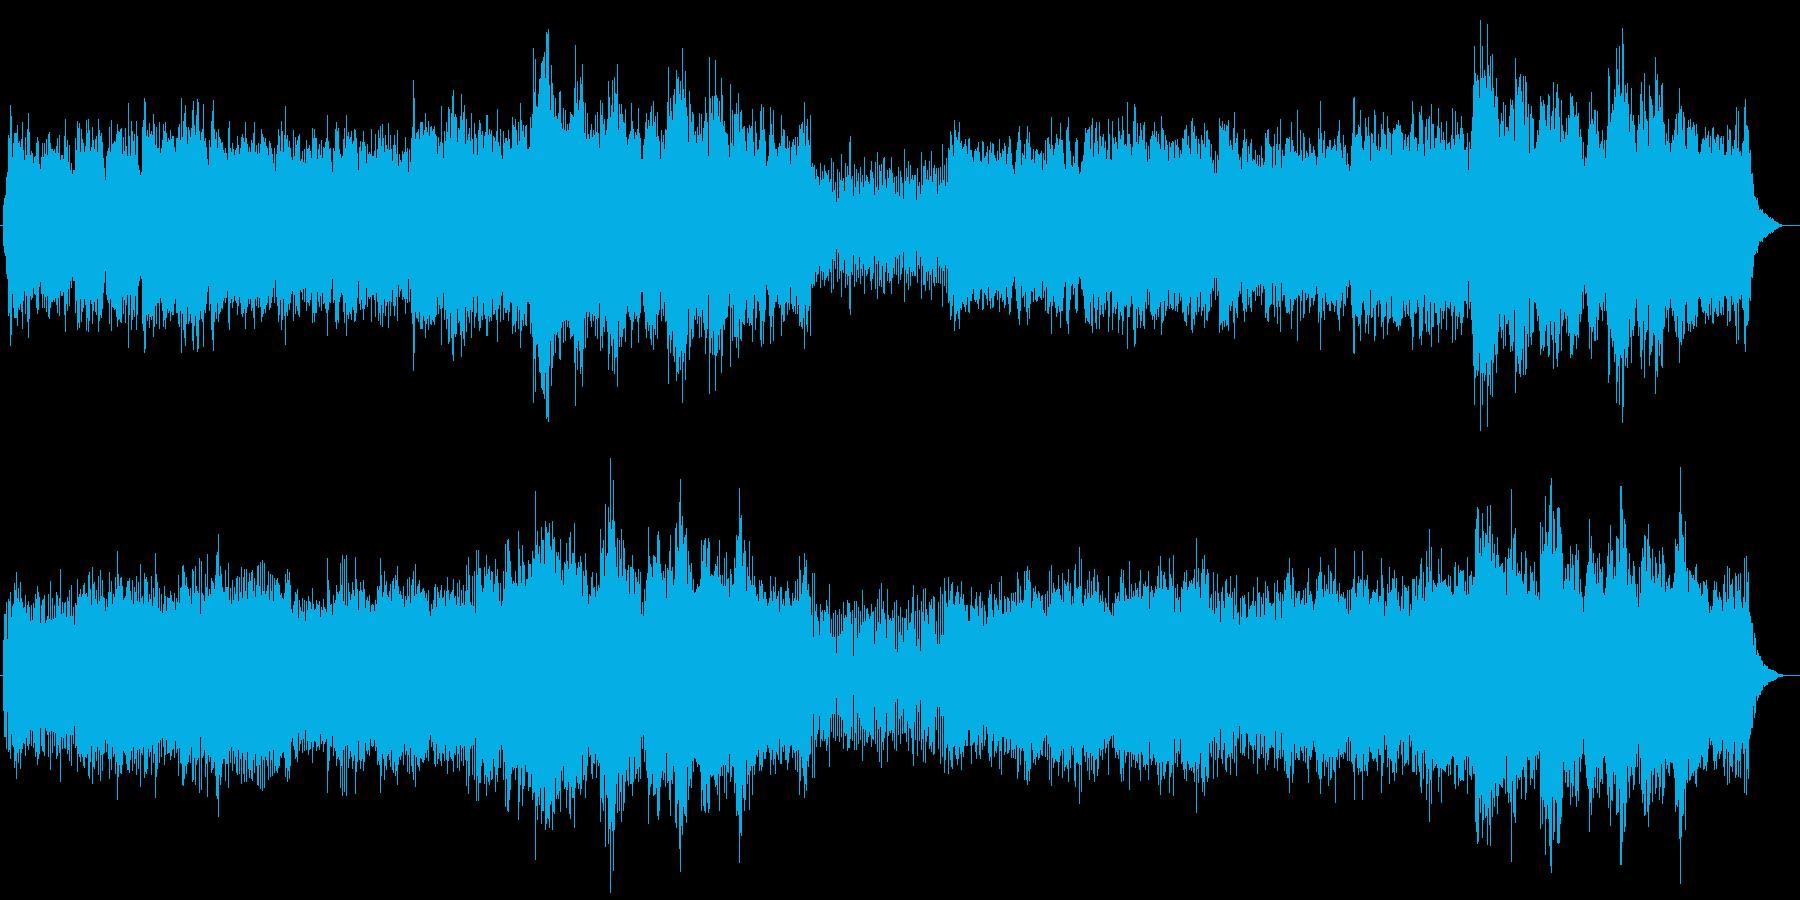 シンプルで荘厳なシンセミュージックの再生済みの波形